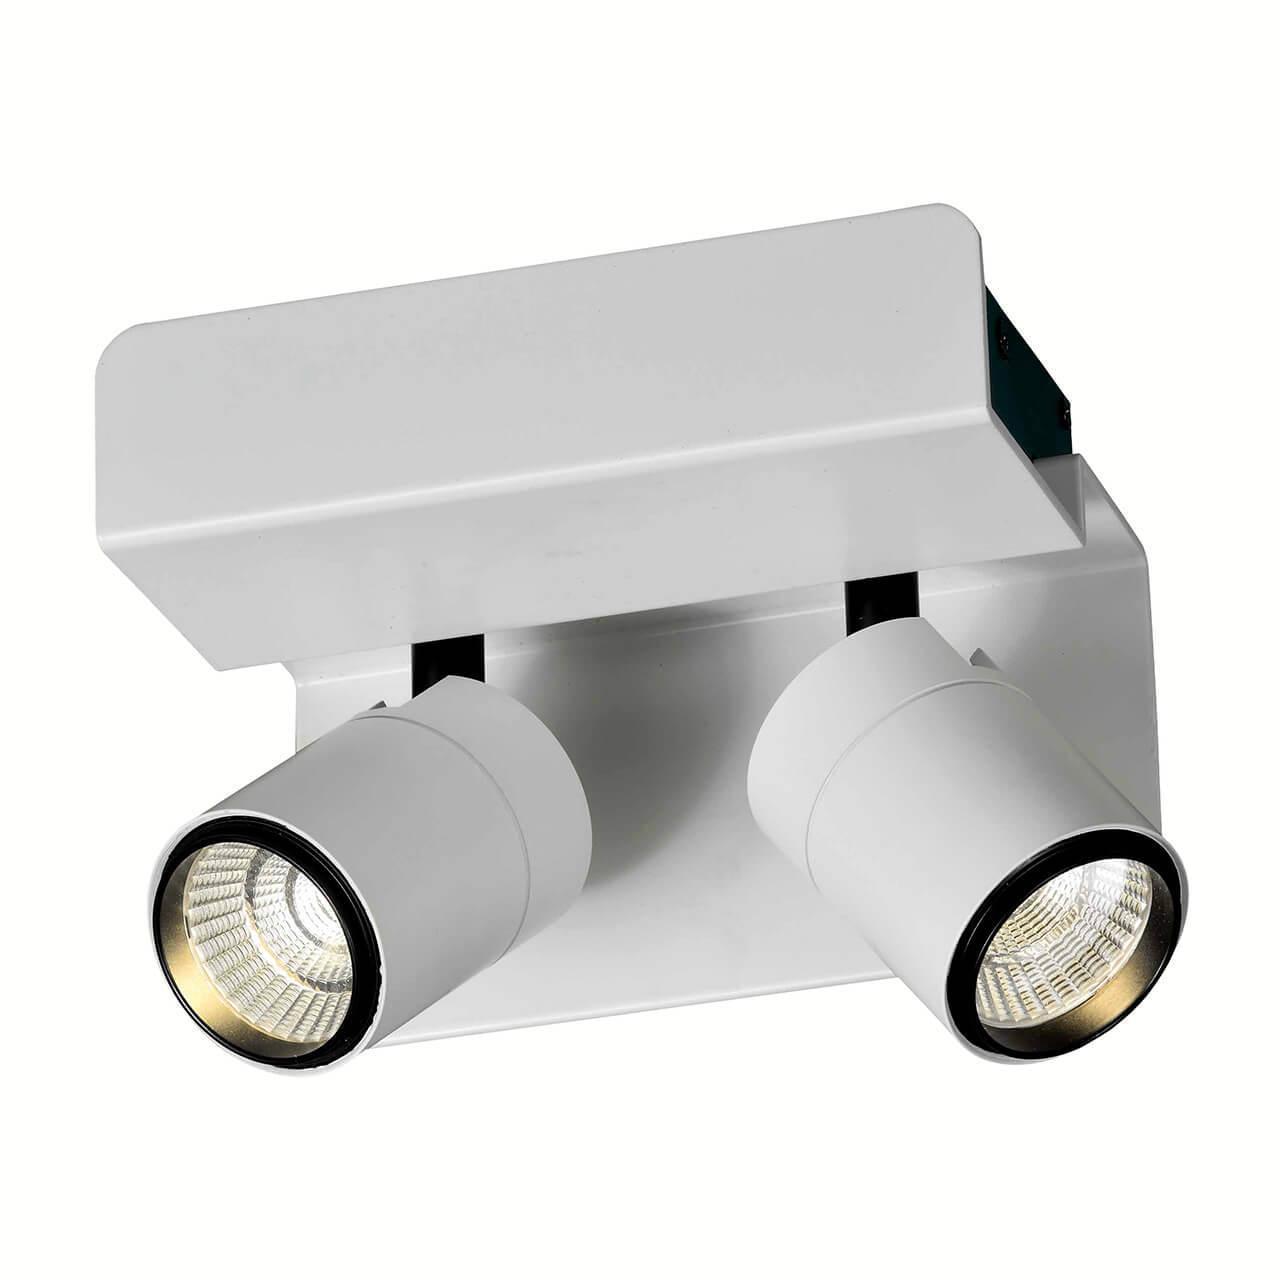 лучшая цена Спот Mantra 5719, LED, 7 Вт